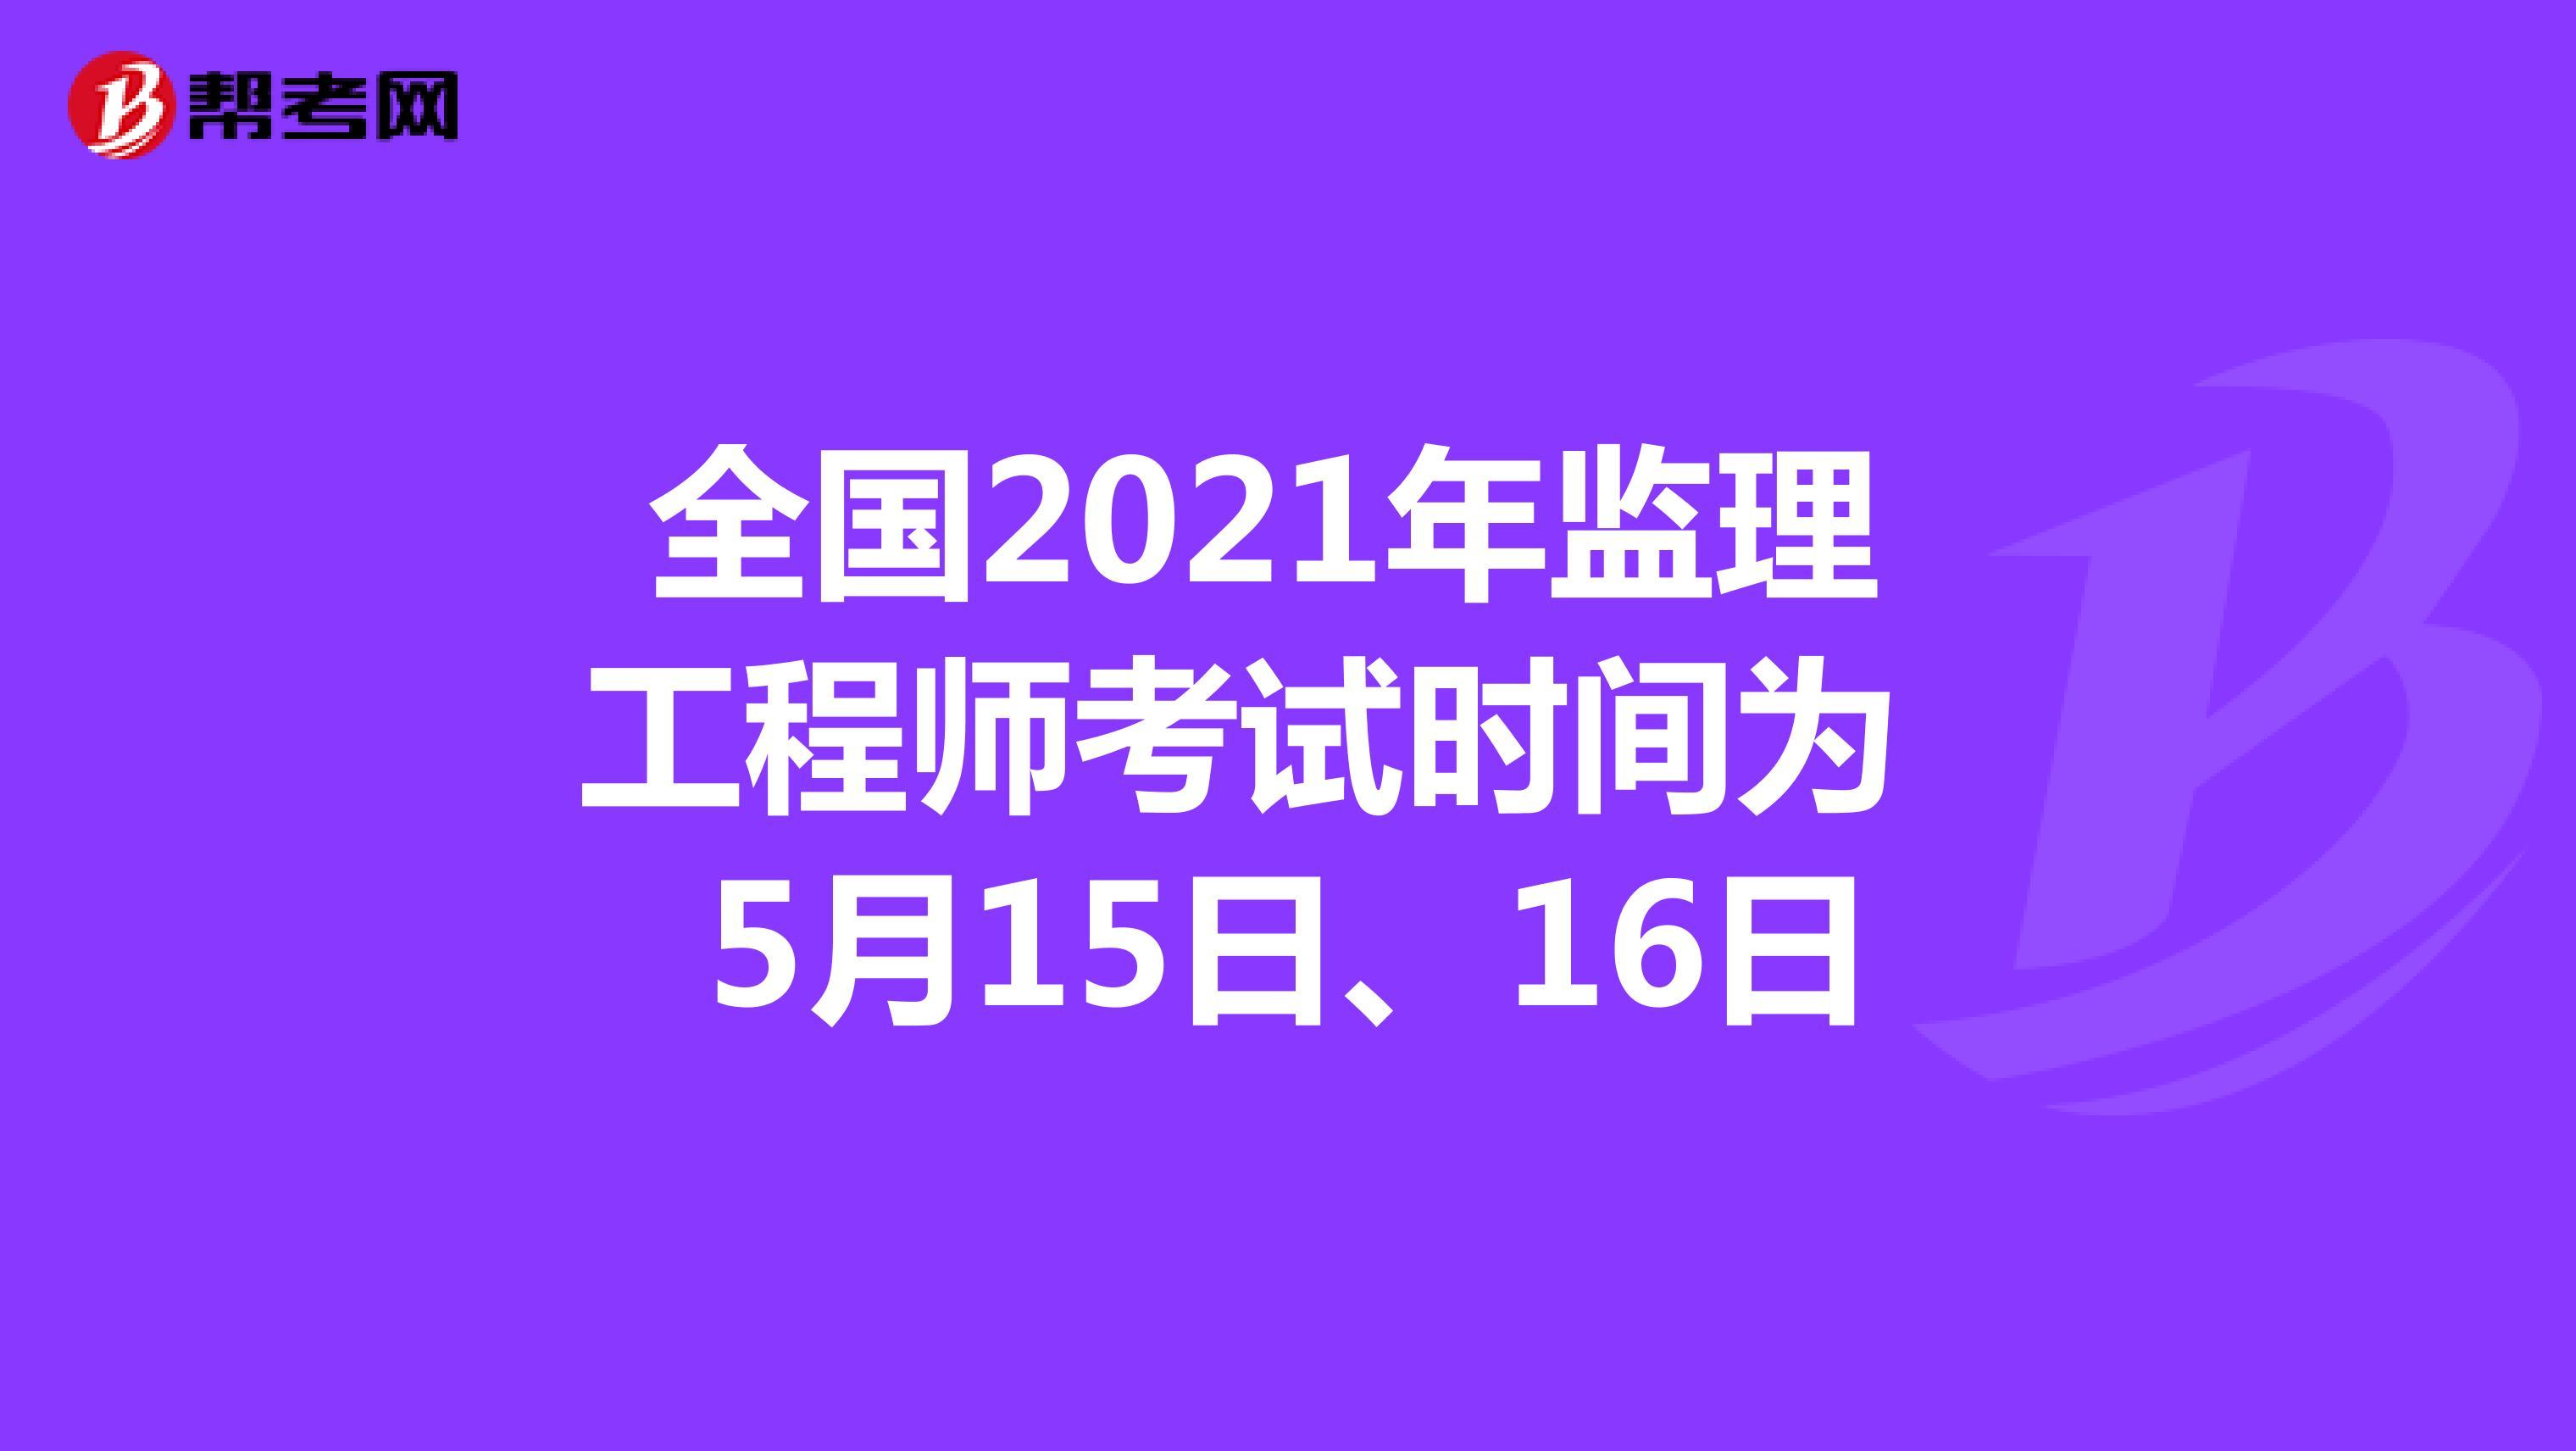 全国2021年监理工程师考试时间为5月15日、16日